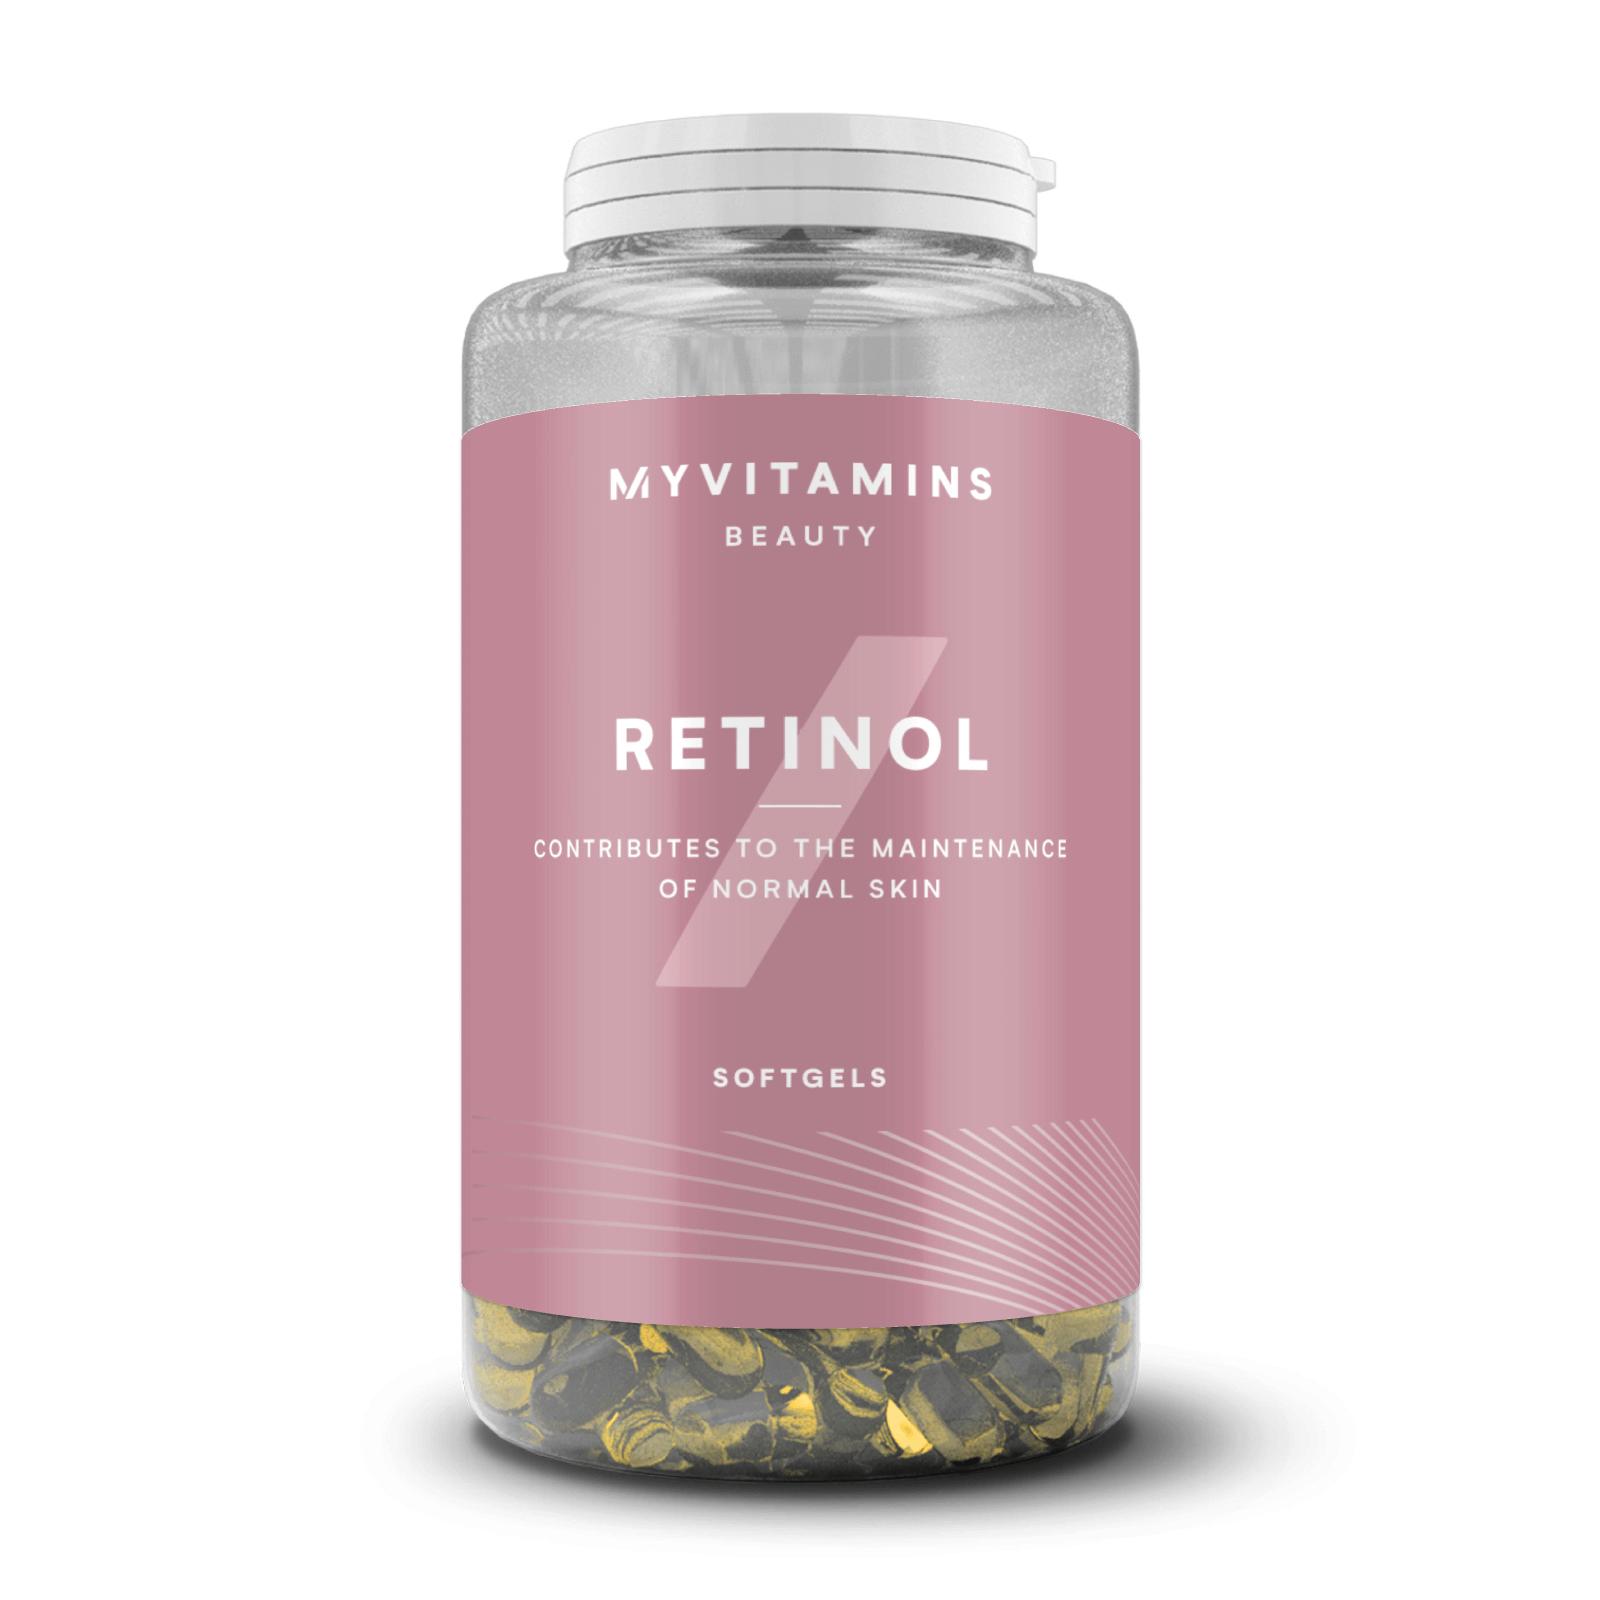 Myvitamins Retinol Softgels - 90Softgels